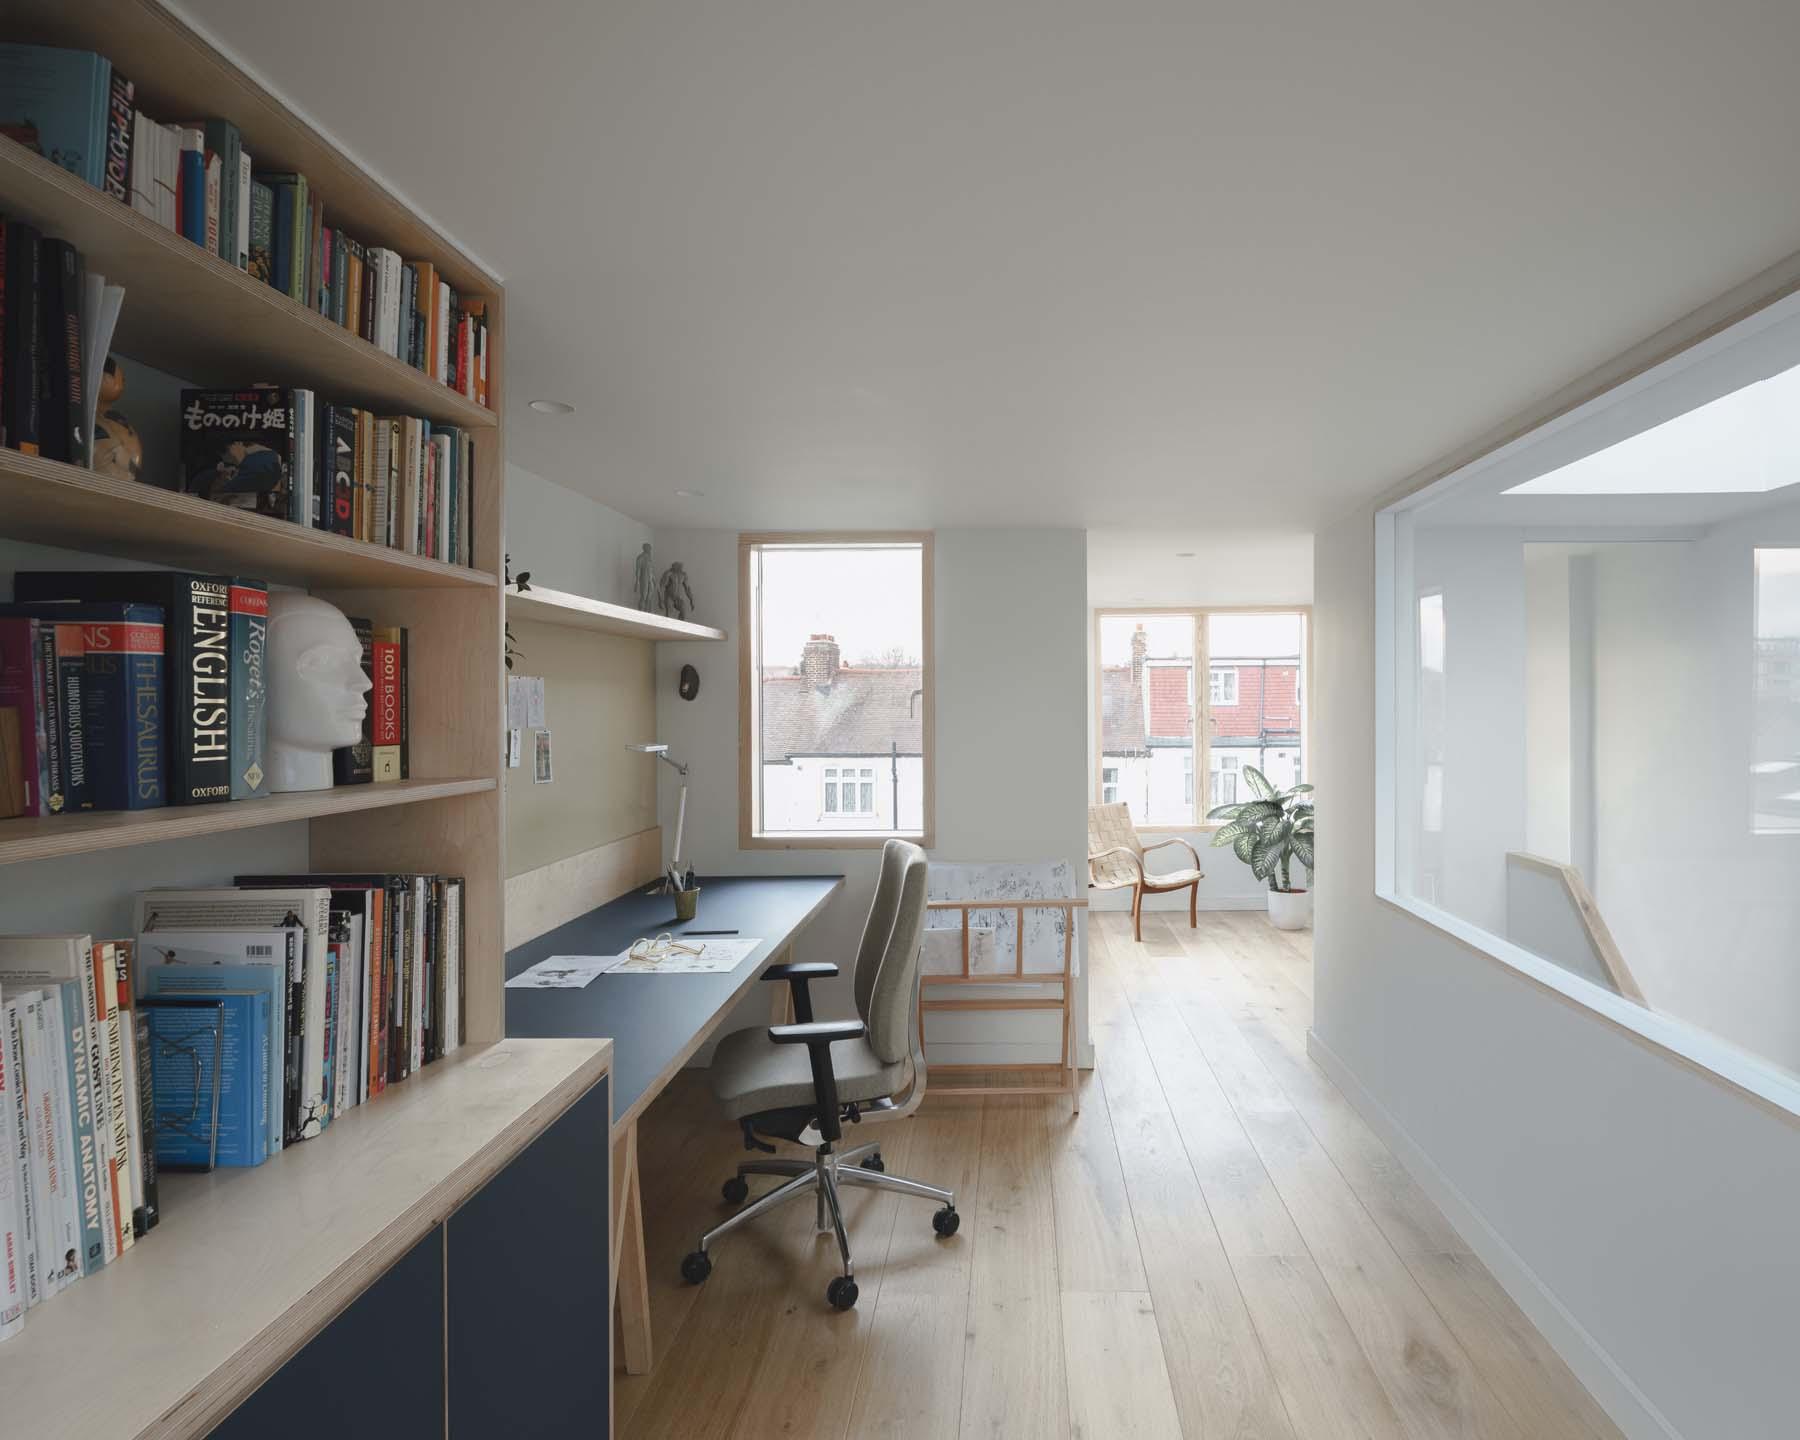 Con escritorio y librería